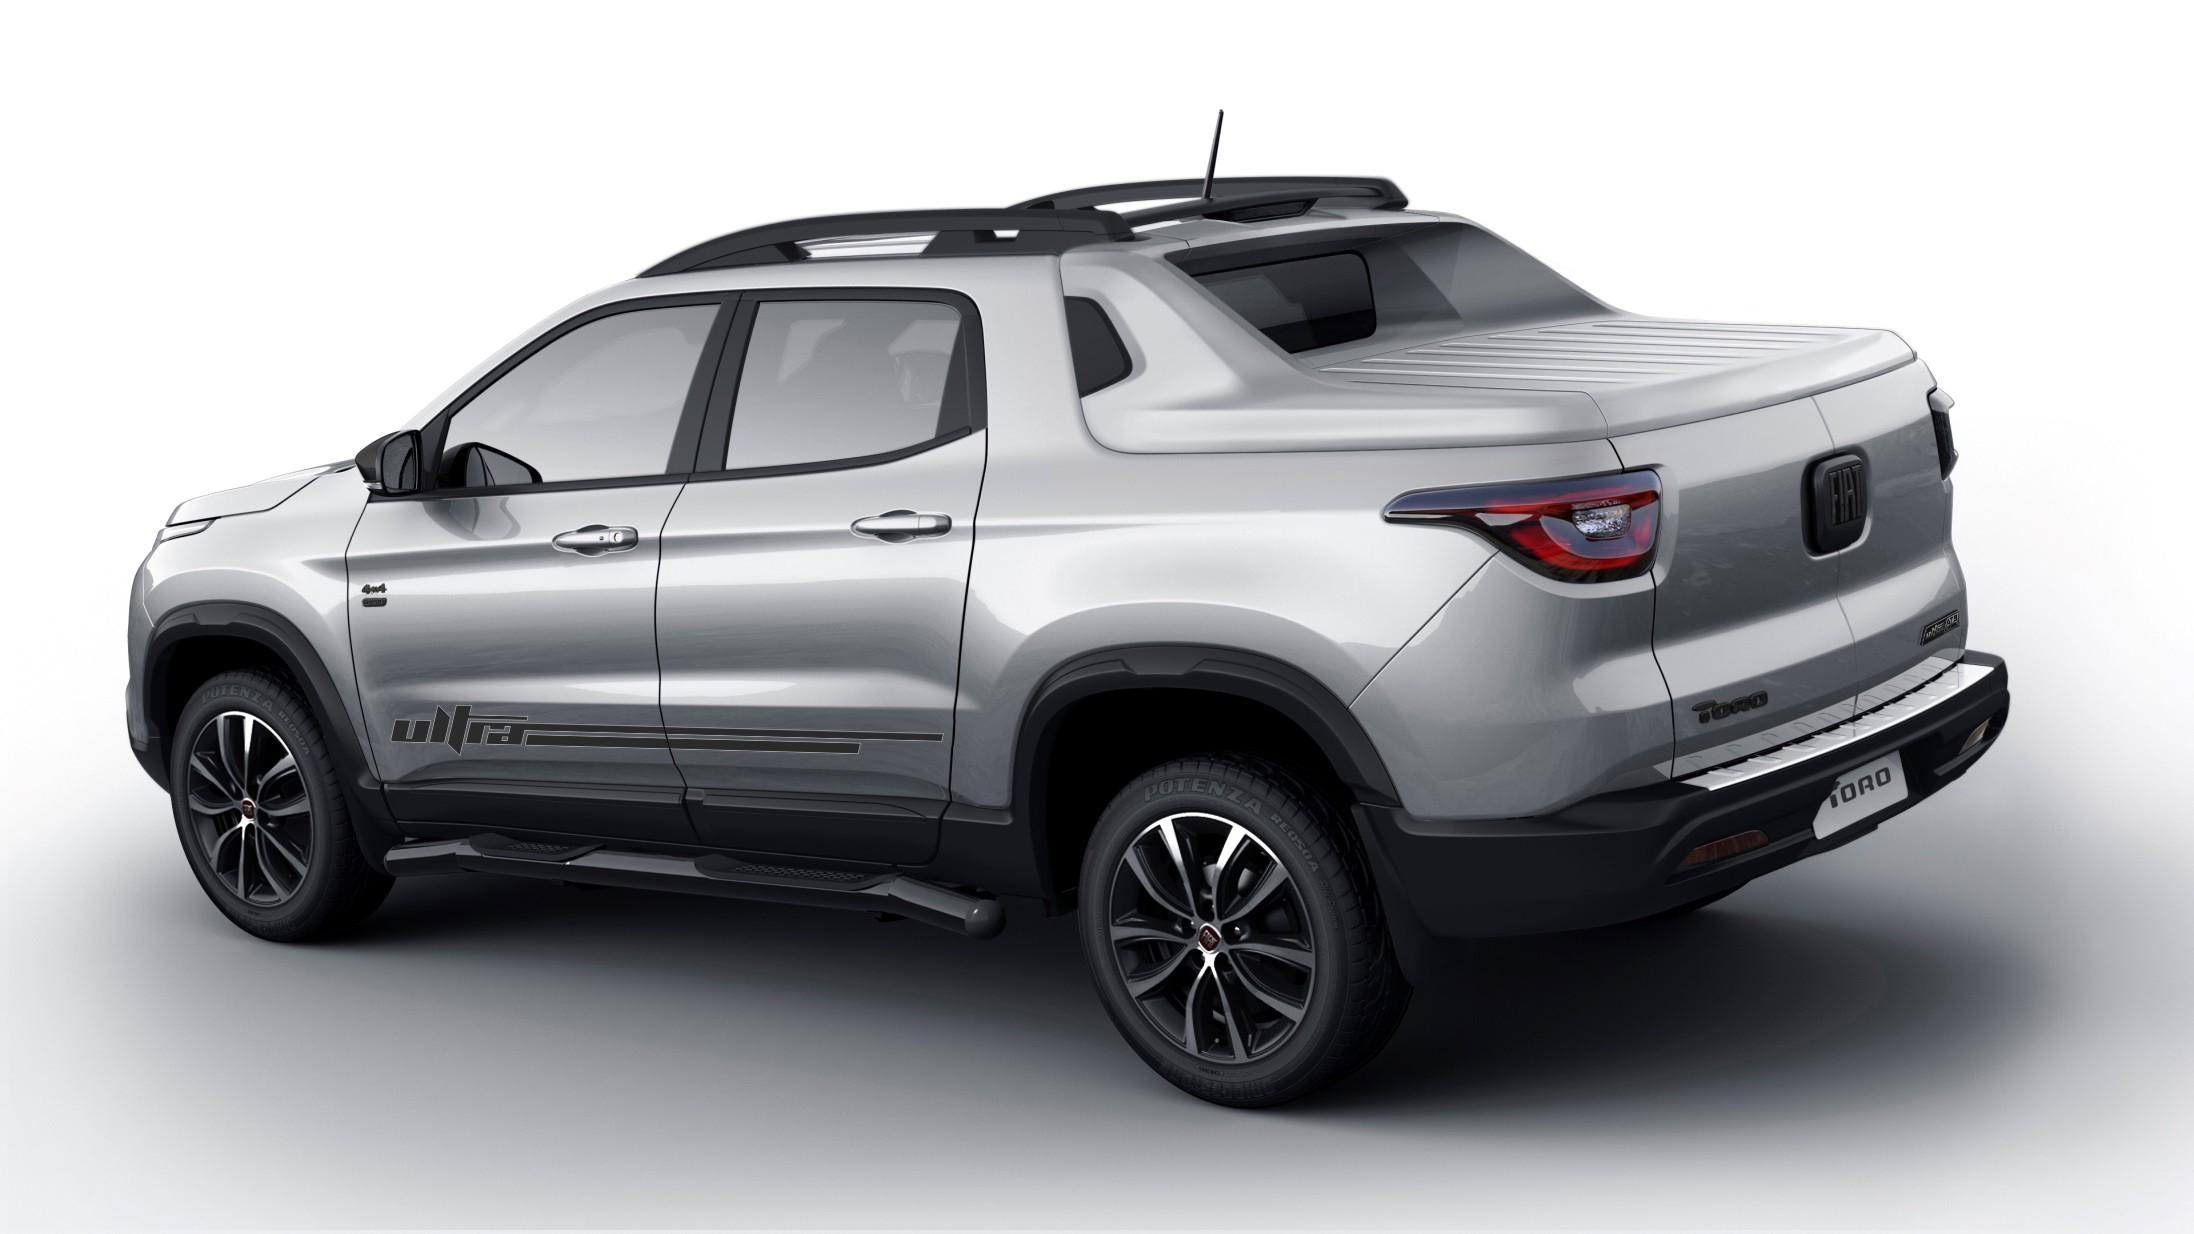 Fiat Toro ganha capota rígida em nova versão de R$ 165 mil - Notícias - Plantão Diário